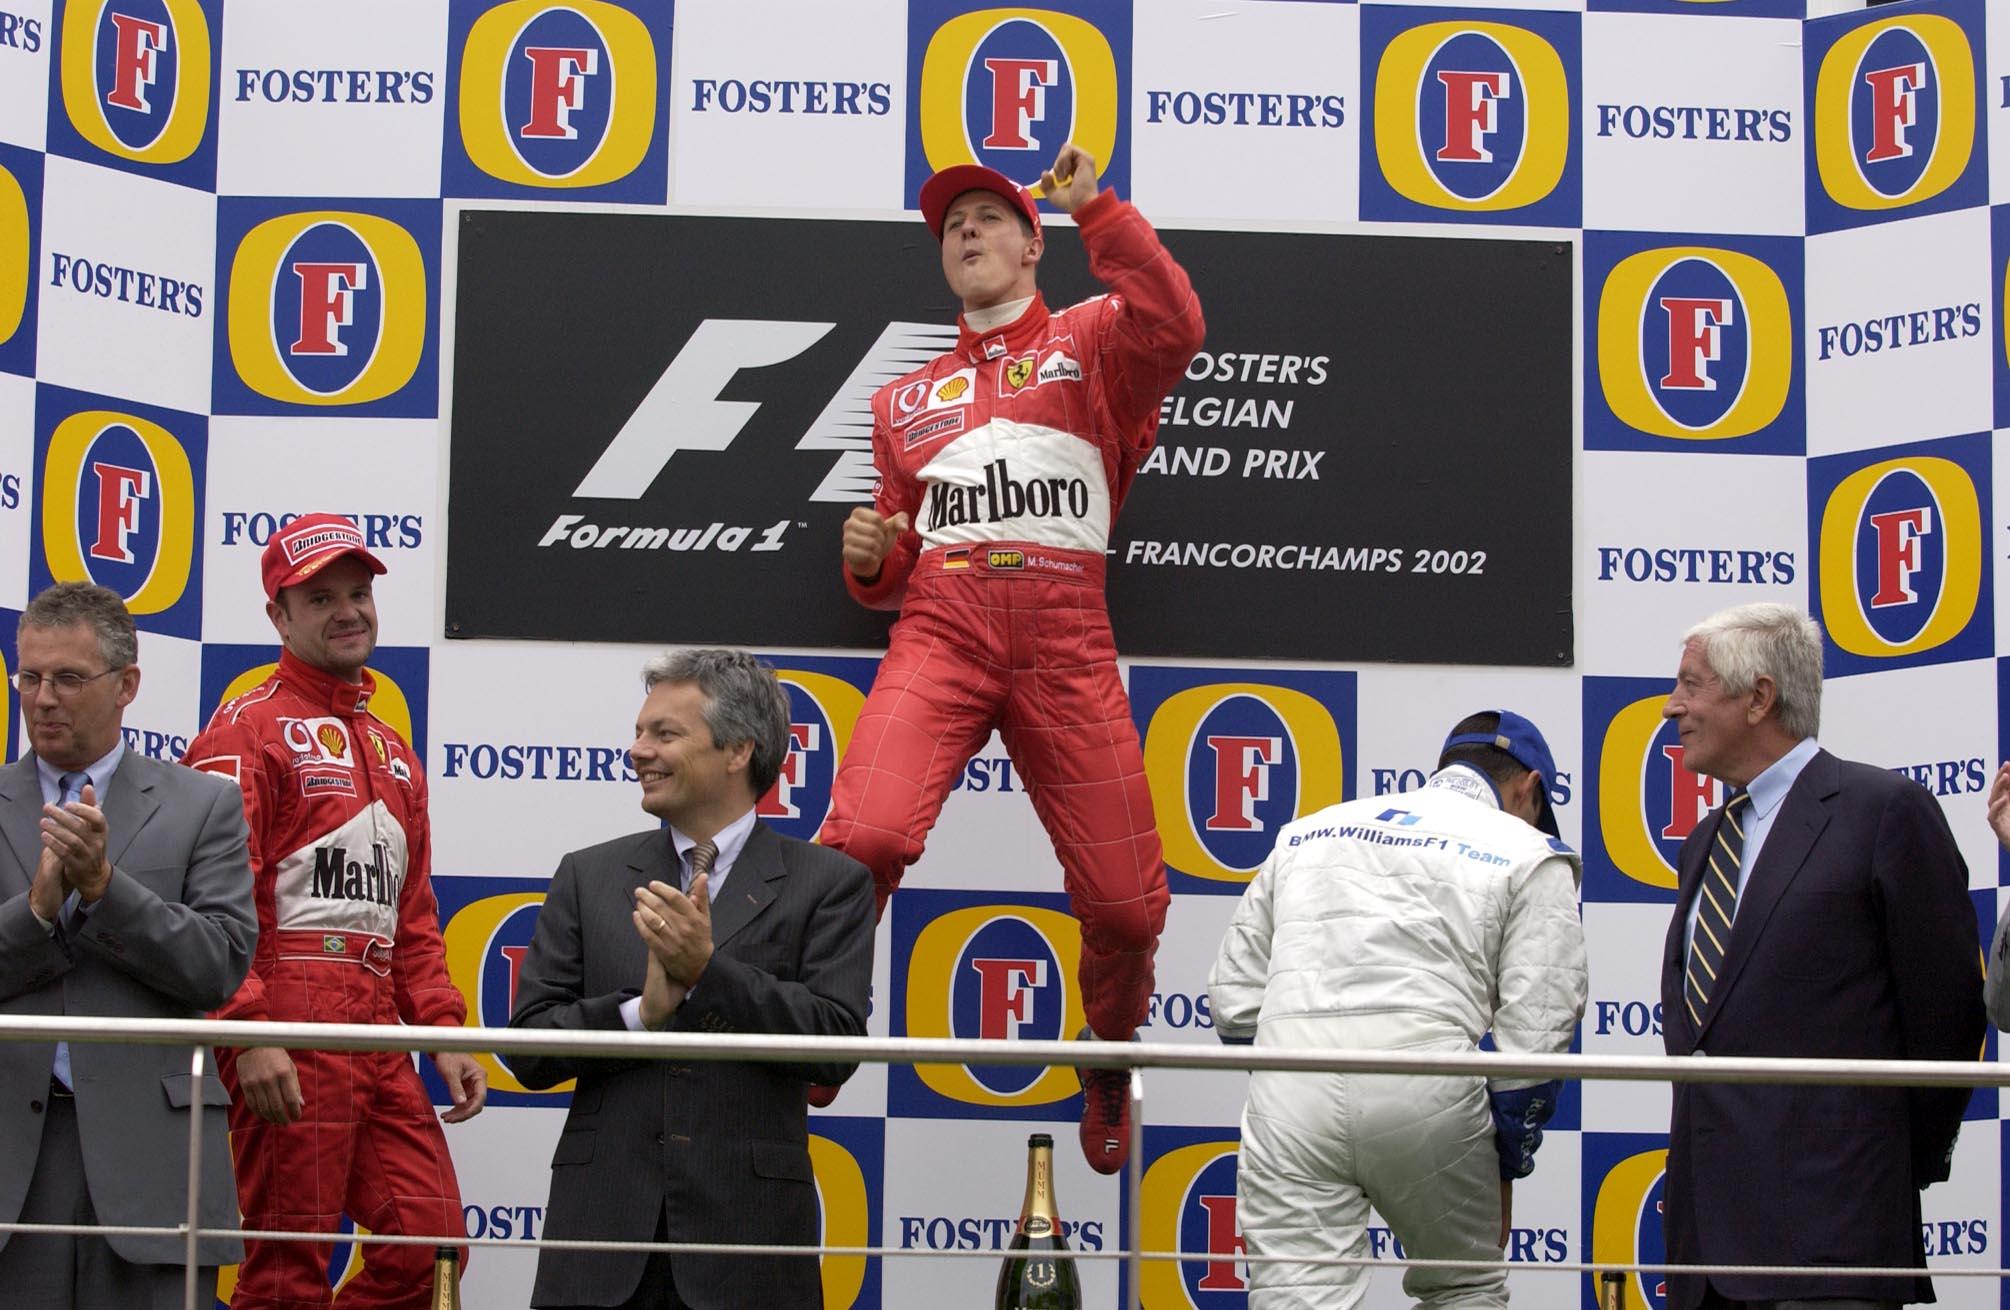 Grandi e unici i tifosi Ferrari…